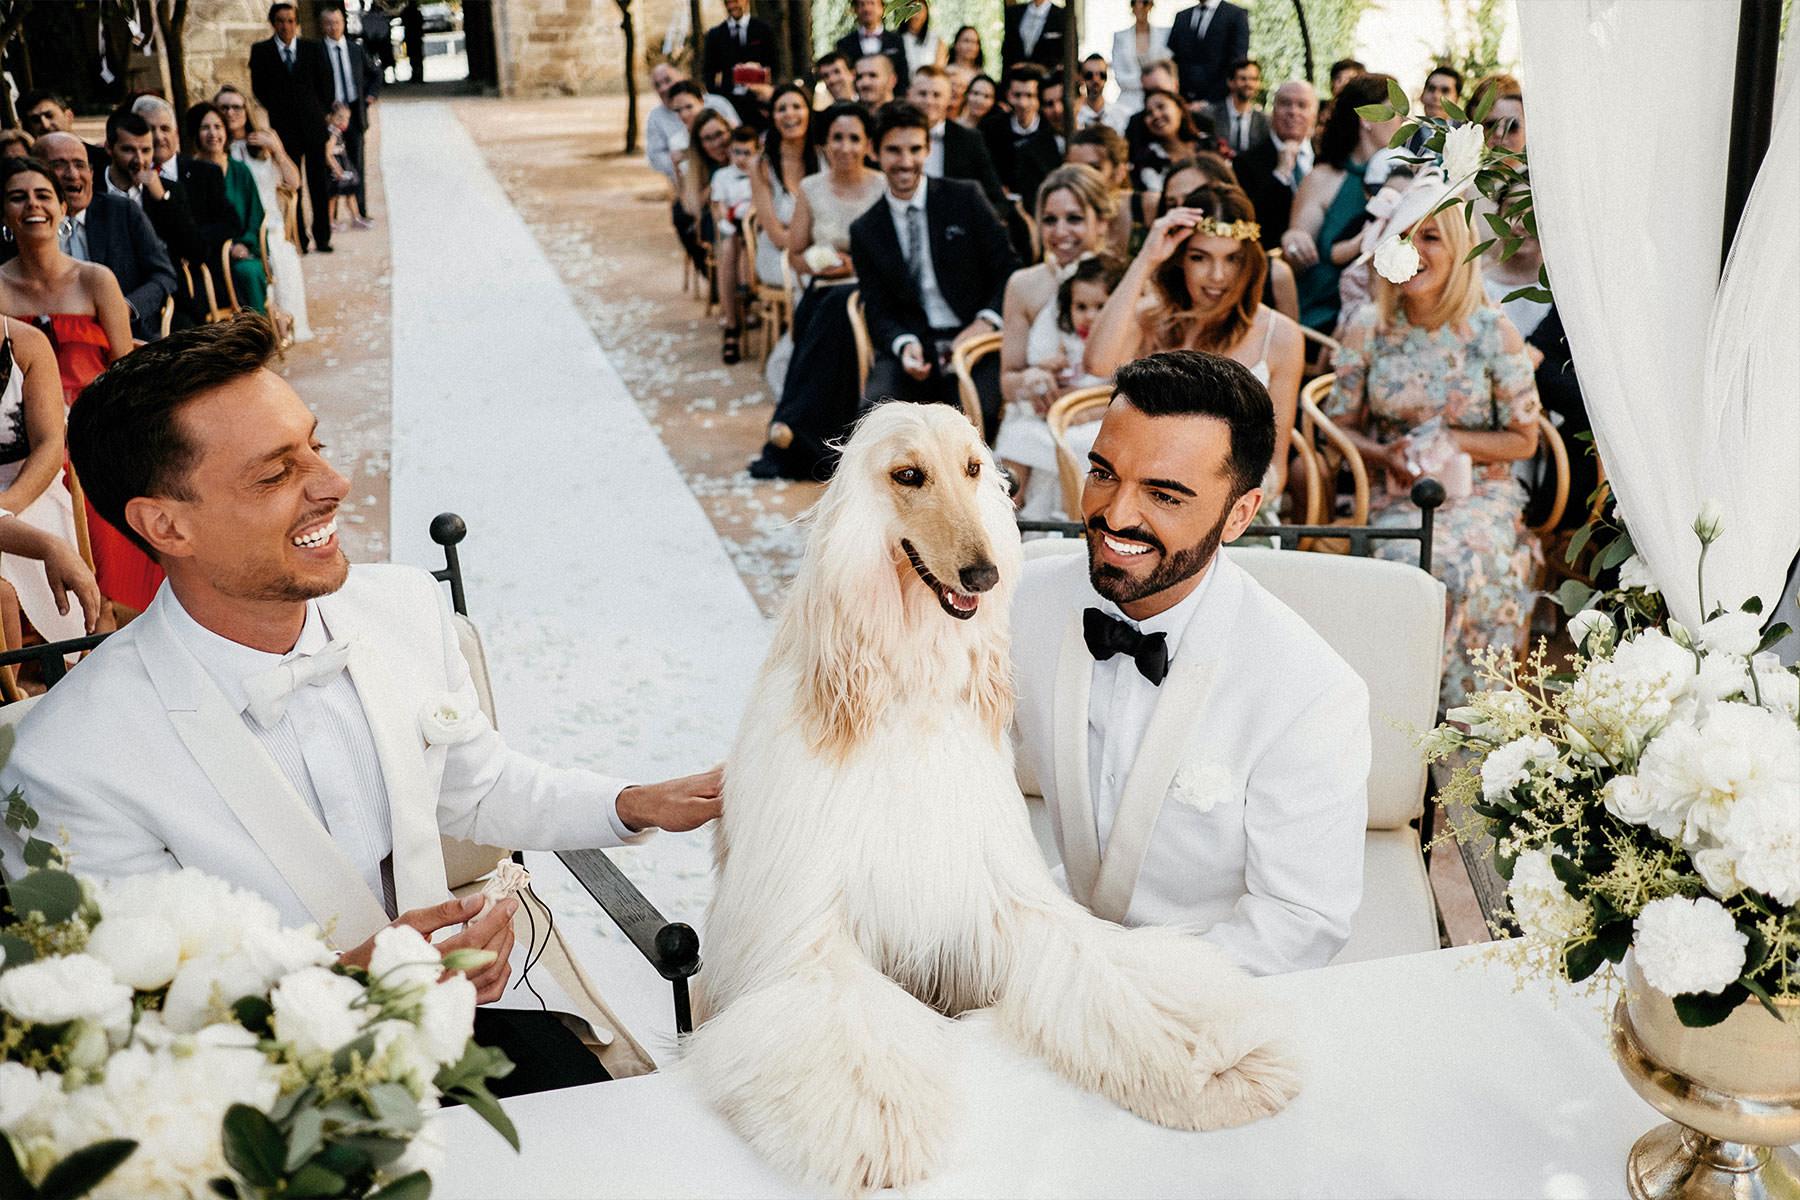 Portugal Wedding Photographer - Bruno Garcez, pousada mosteiro de amares